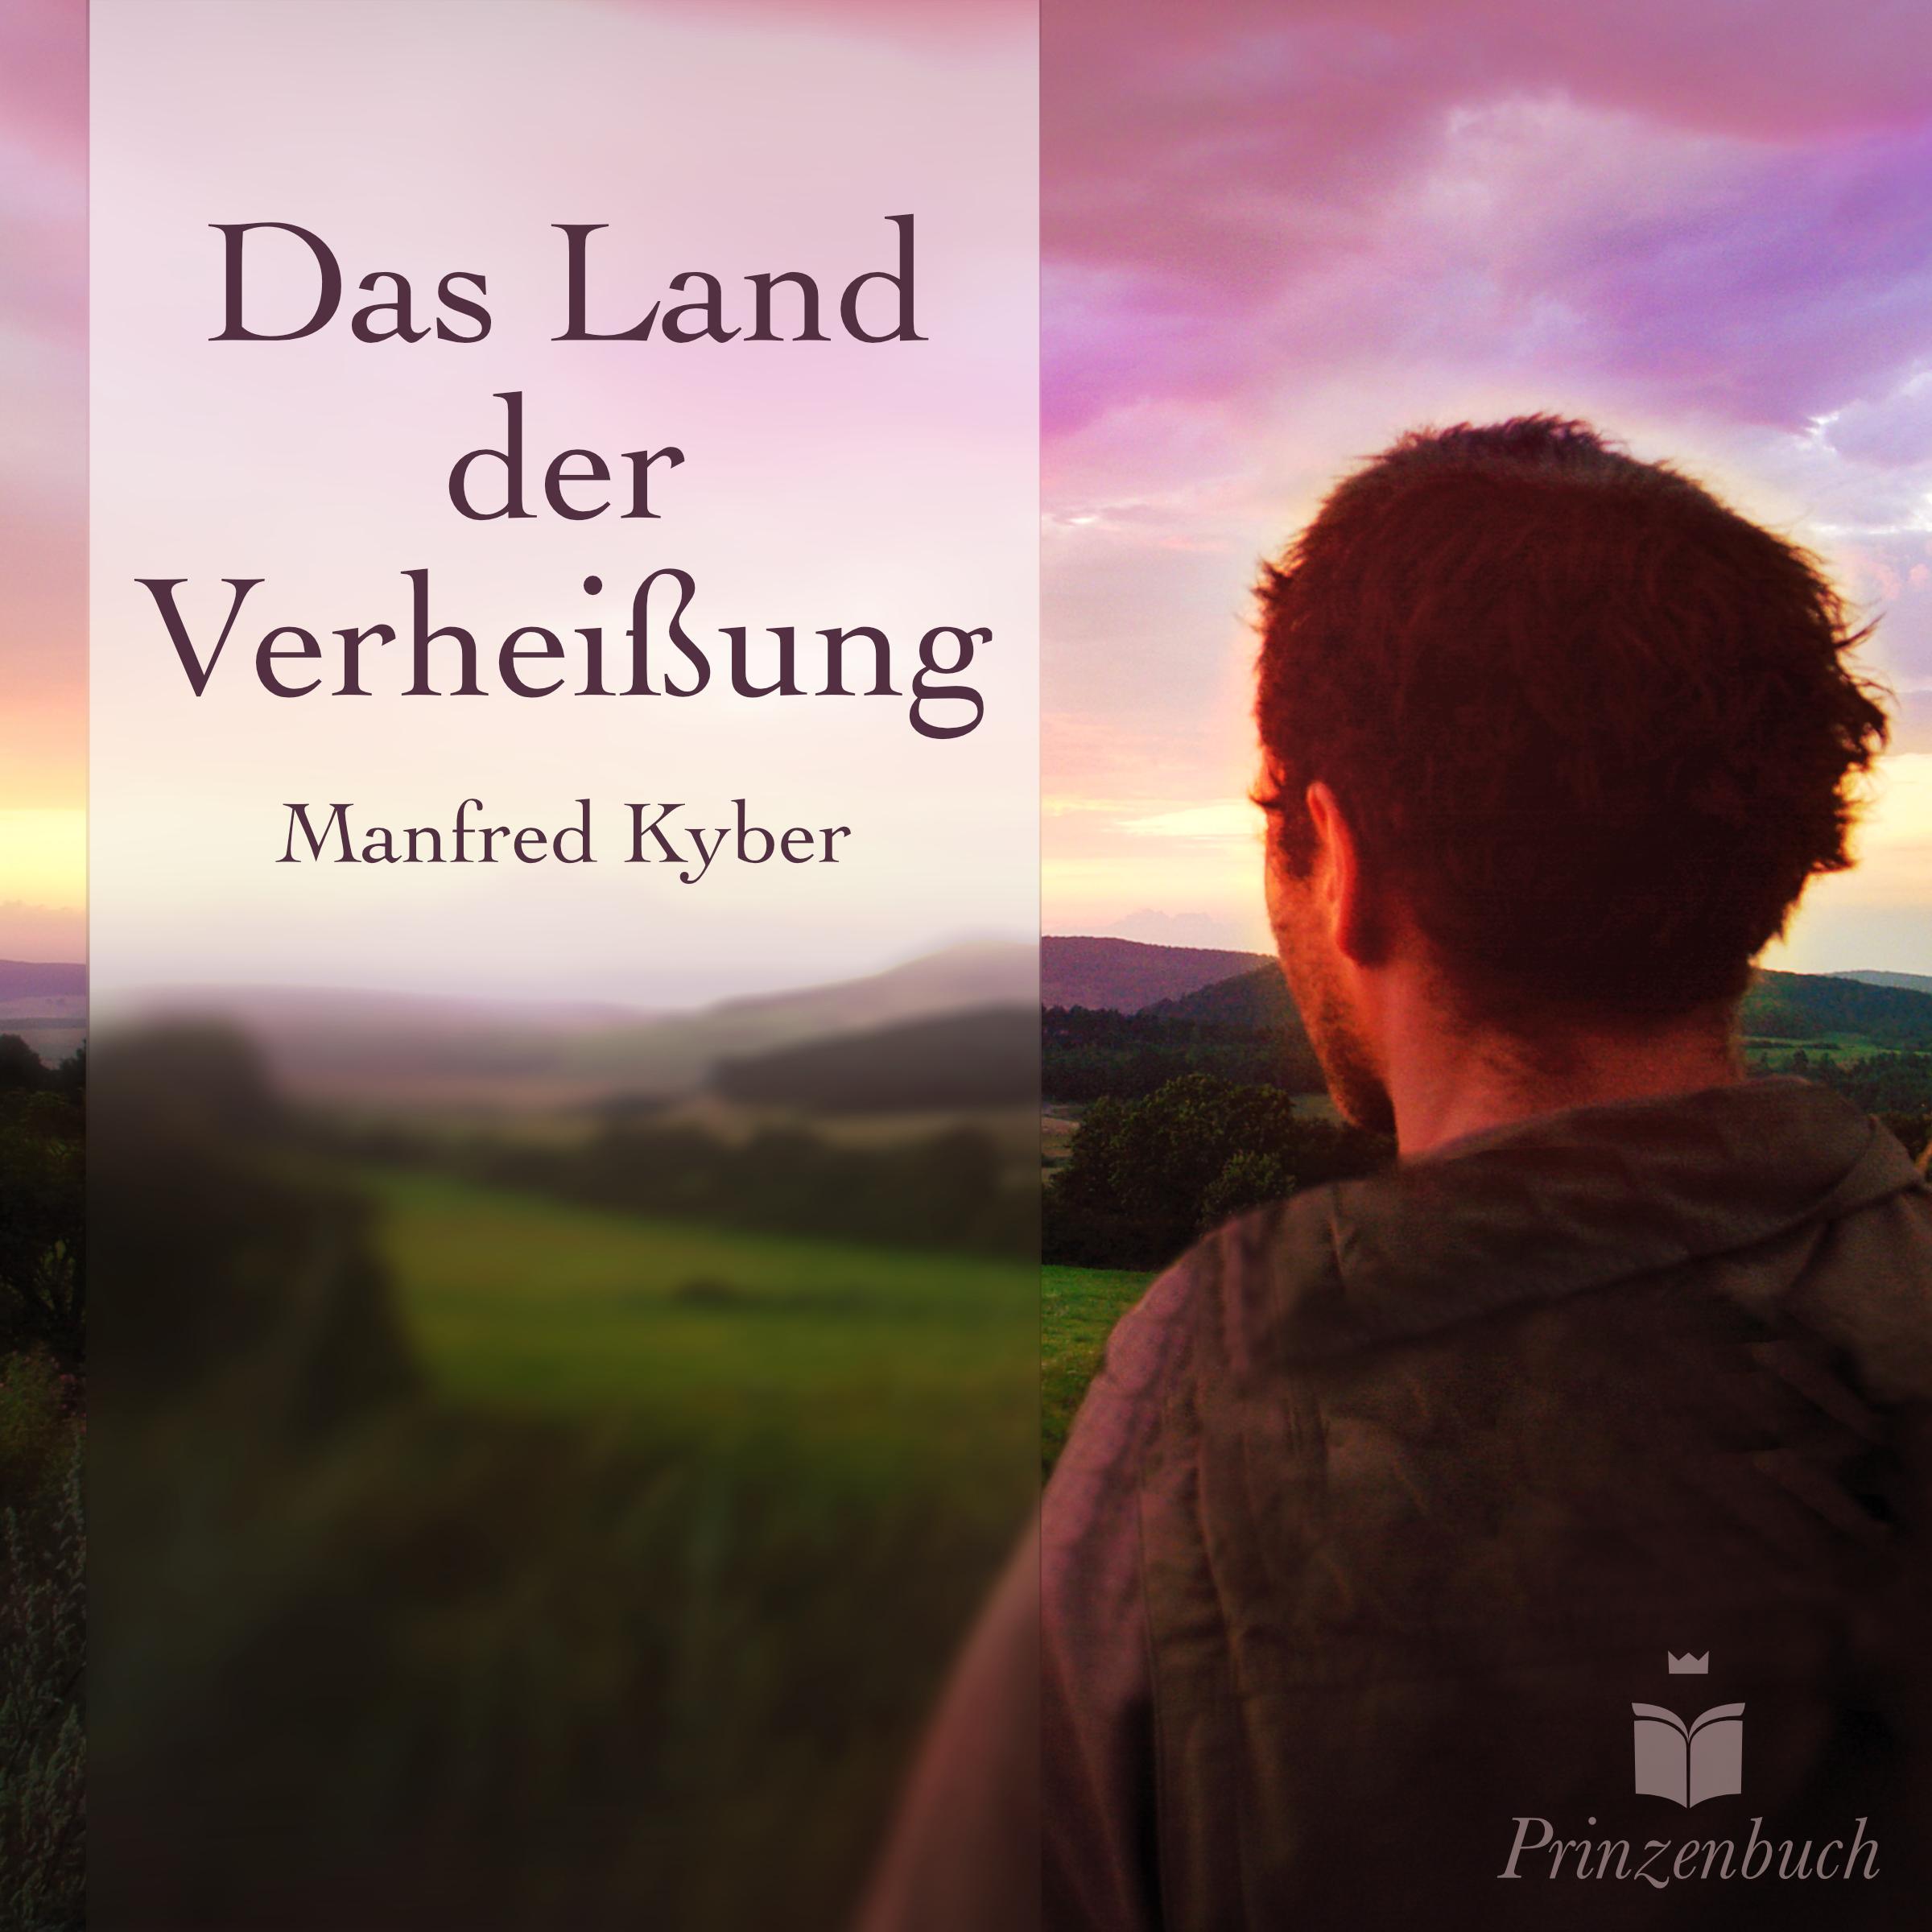 cover_das_land_der_verheißung